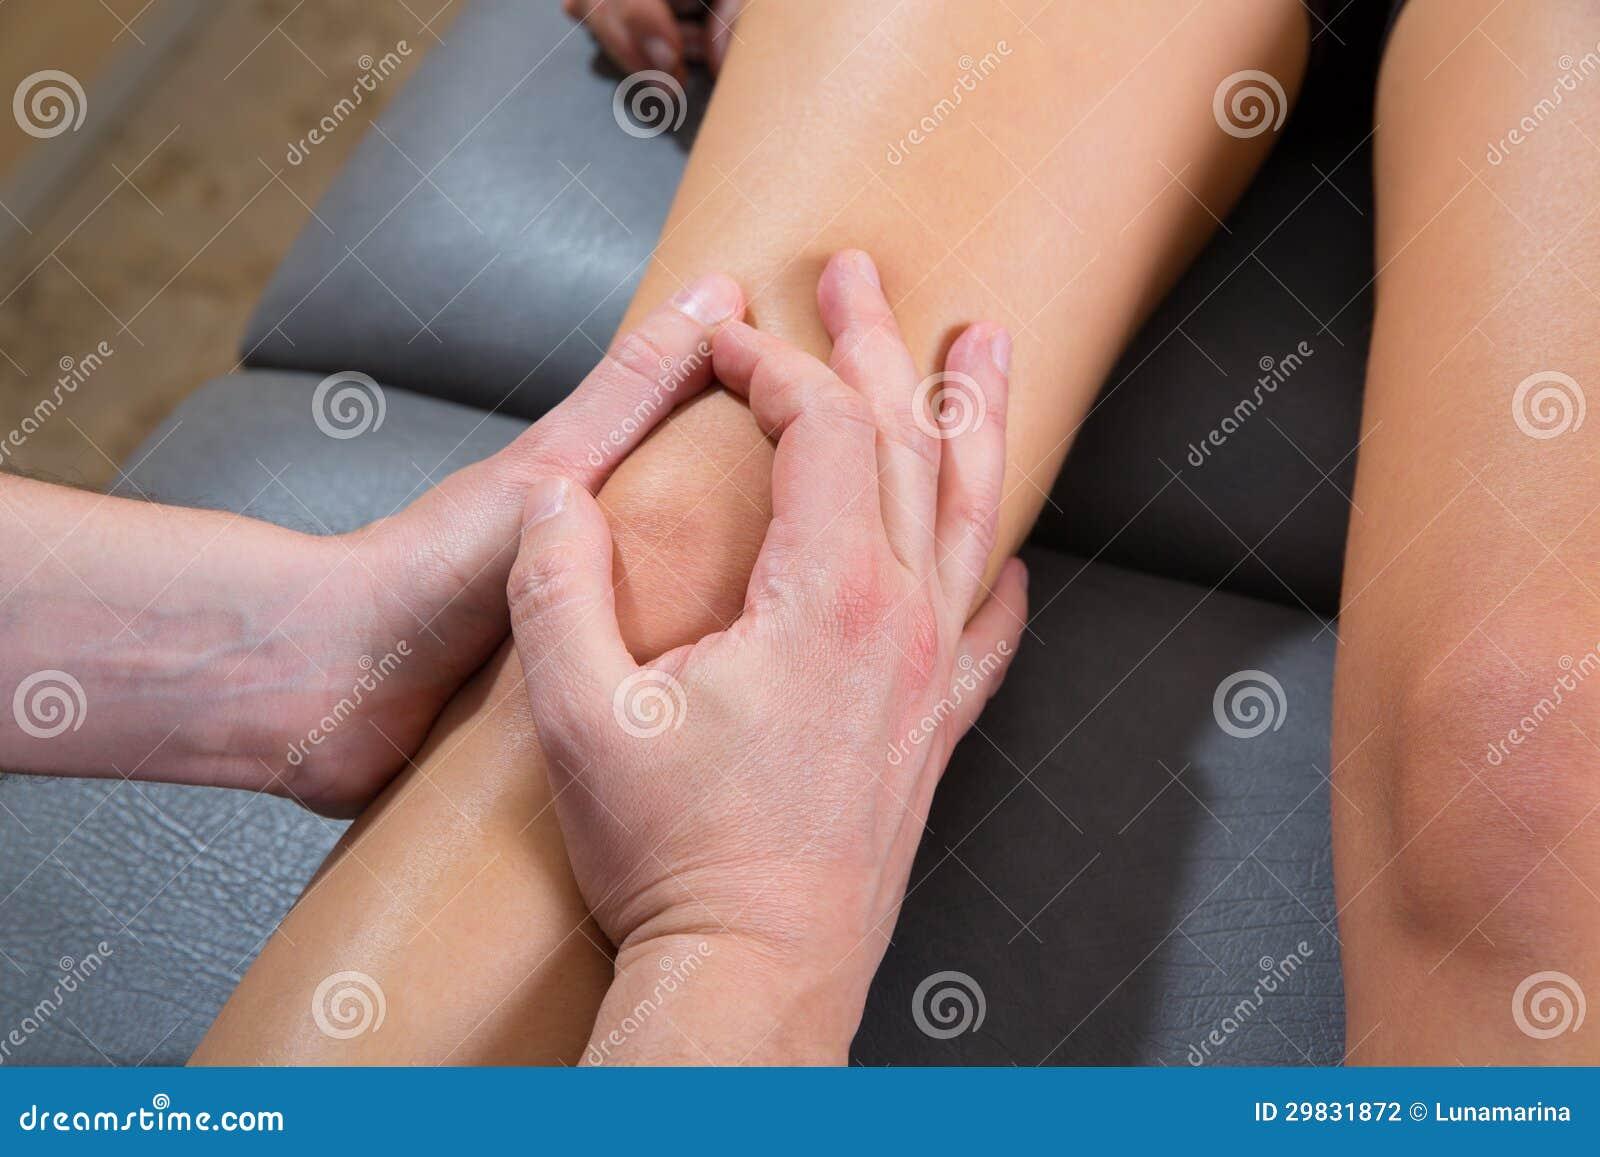 Massagem da terapia do joelho de Maitland no pé da mulher